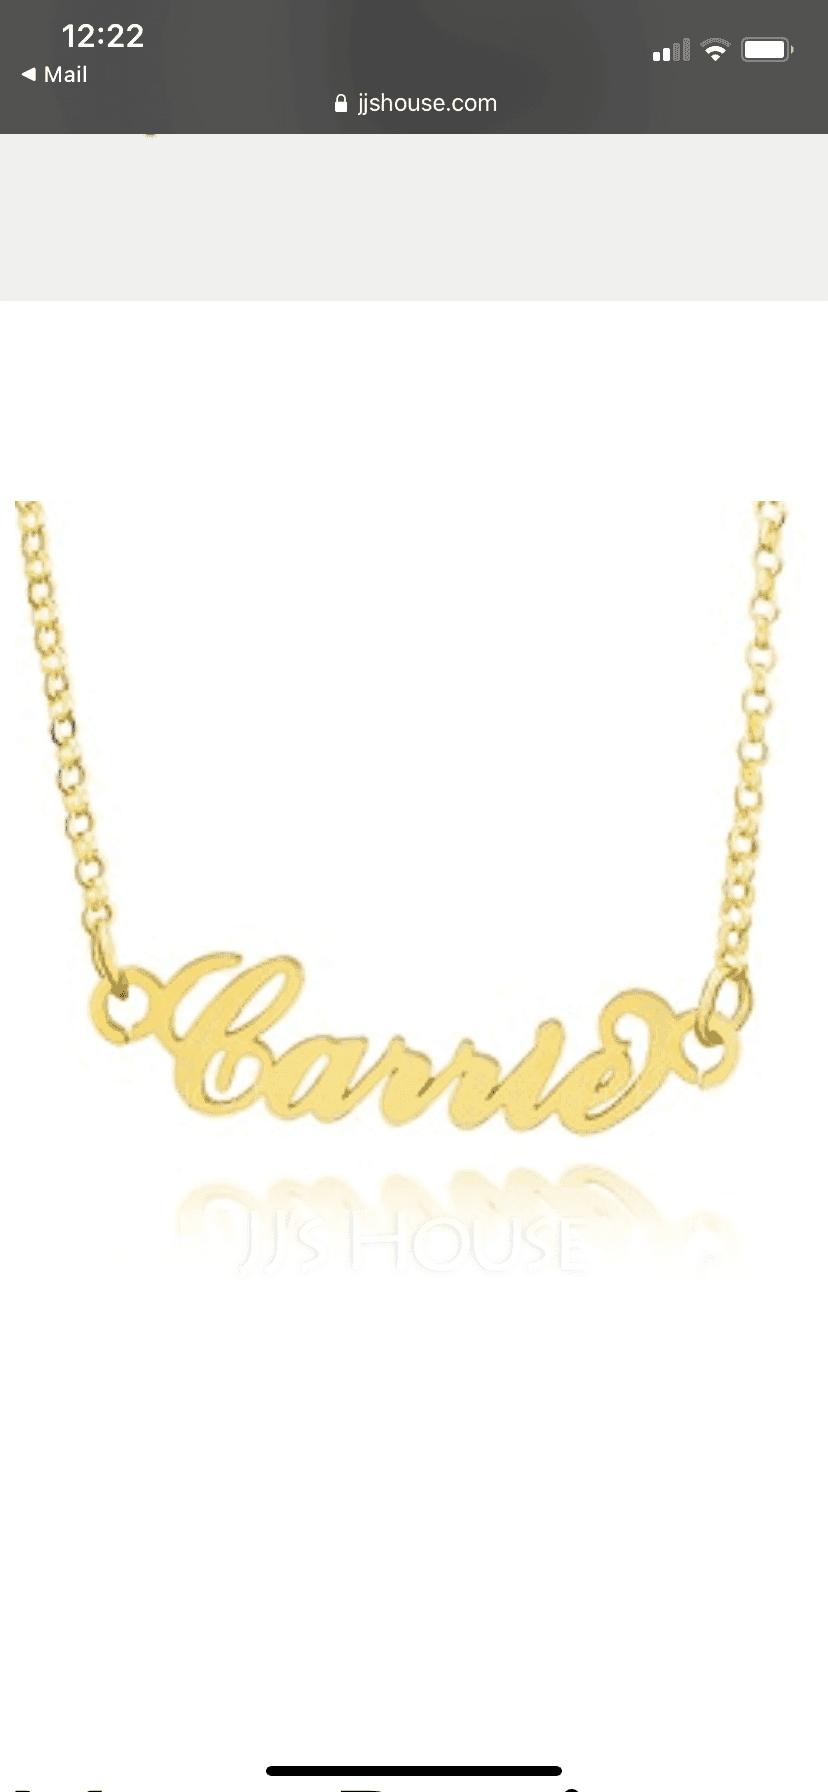 パーソナライズ 18Kゴールドメッキ キャリー ネームネックレス - 誕生日プレゼント 母の日ギフト